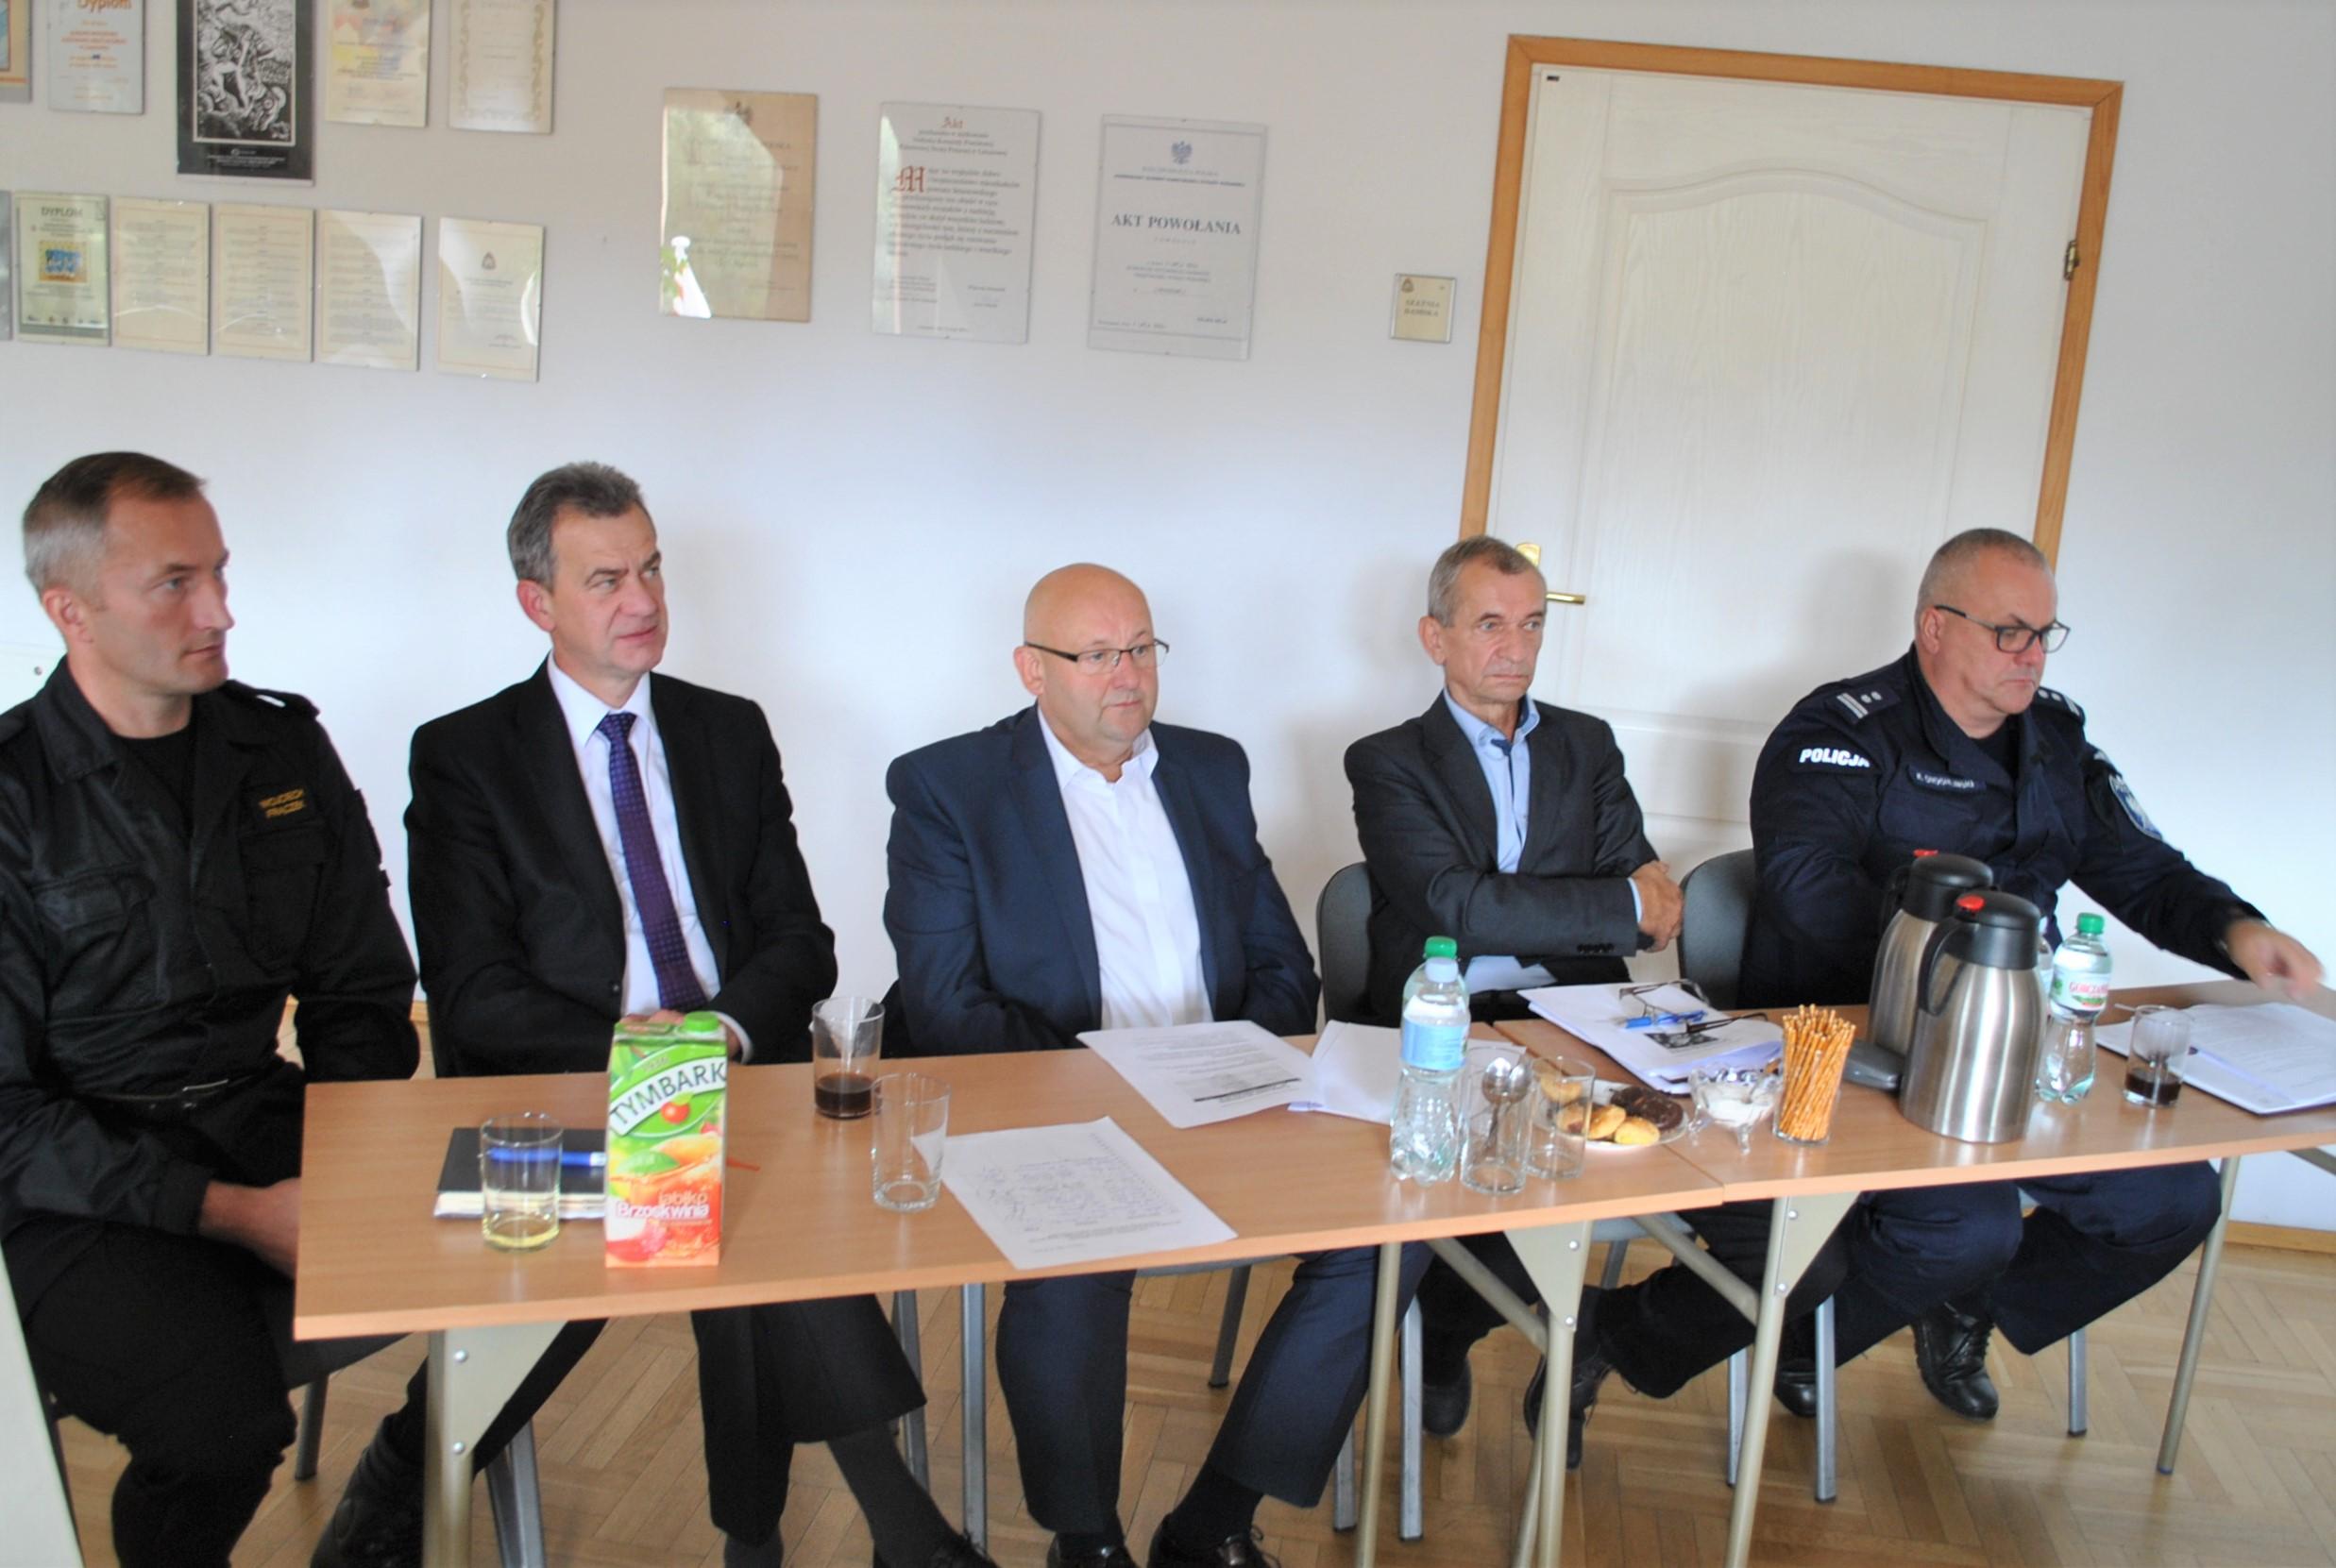 W posiedzeniu wzięli udział członkowie: Powiatowego Zespołu Zarządzania Kryzysowego, Komisji Bezpieczeństwa i Porządku Powiatu Limanowskiego, Komisji Bezpieczeństwa Obywateli oraz zaproszeni goście.